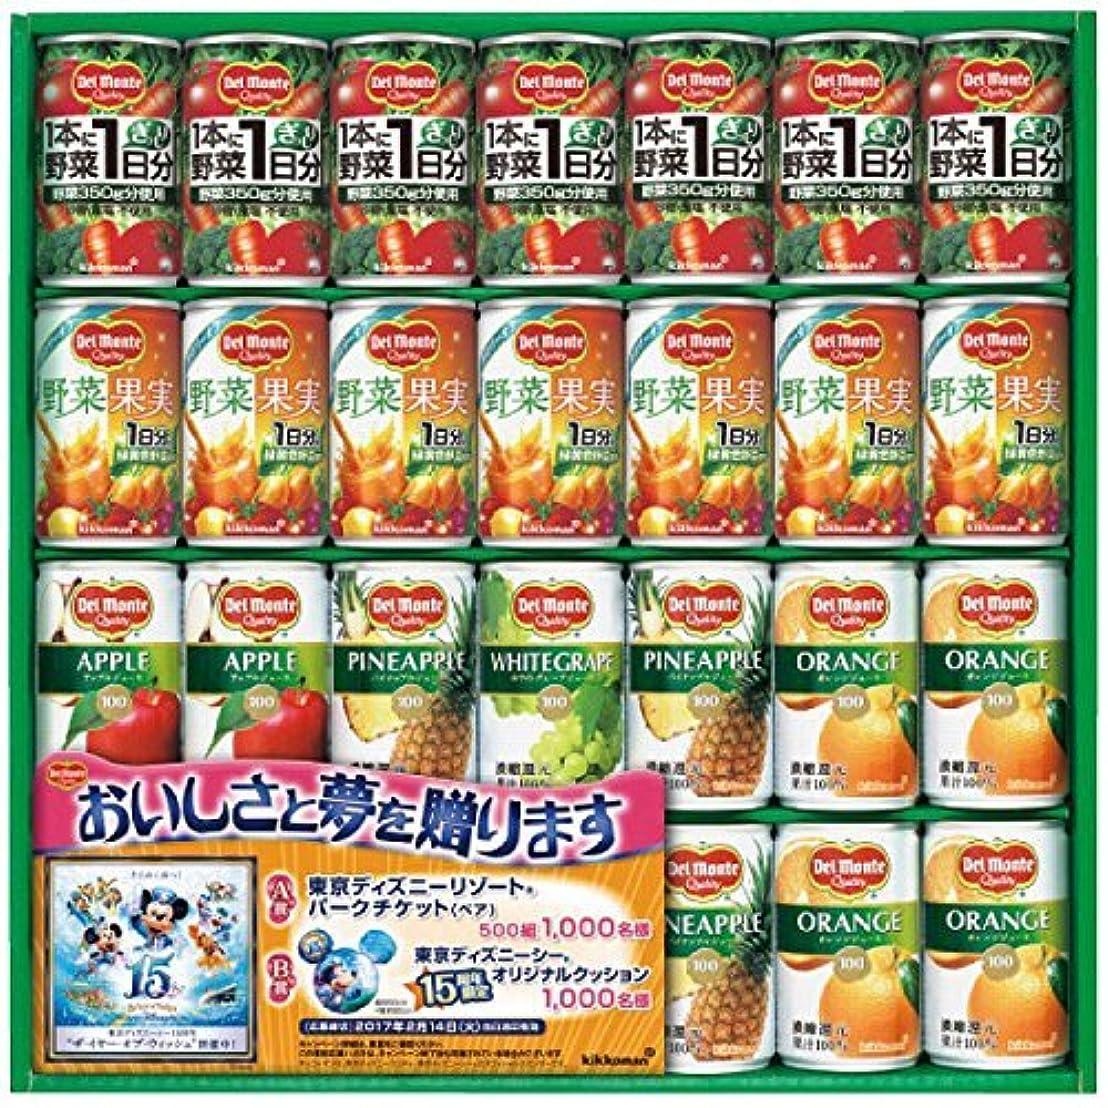 洗うもろいポークデルモンテ野菜?果汁混合飲料ギフト FVJ-30